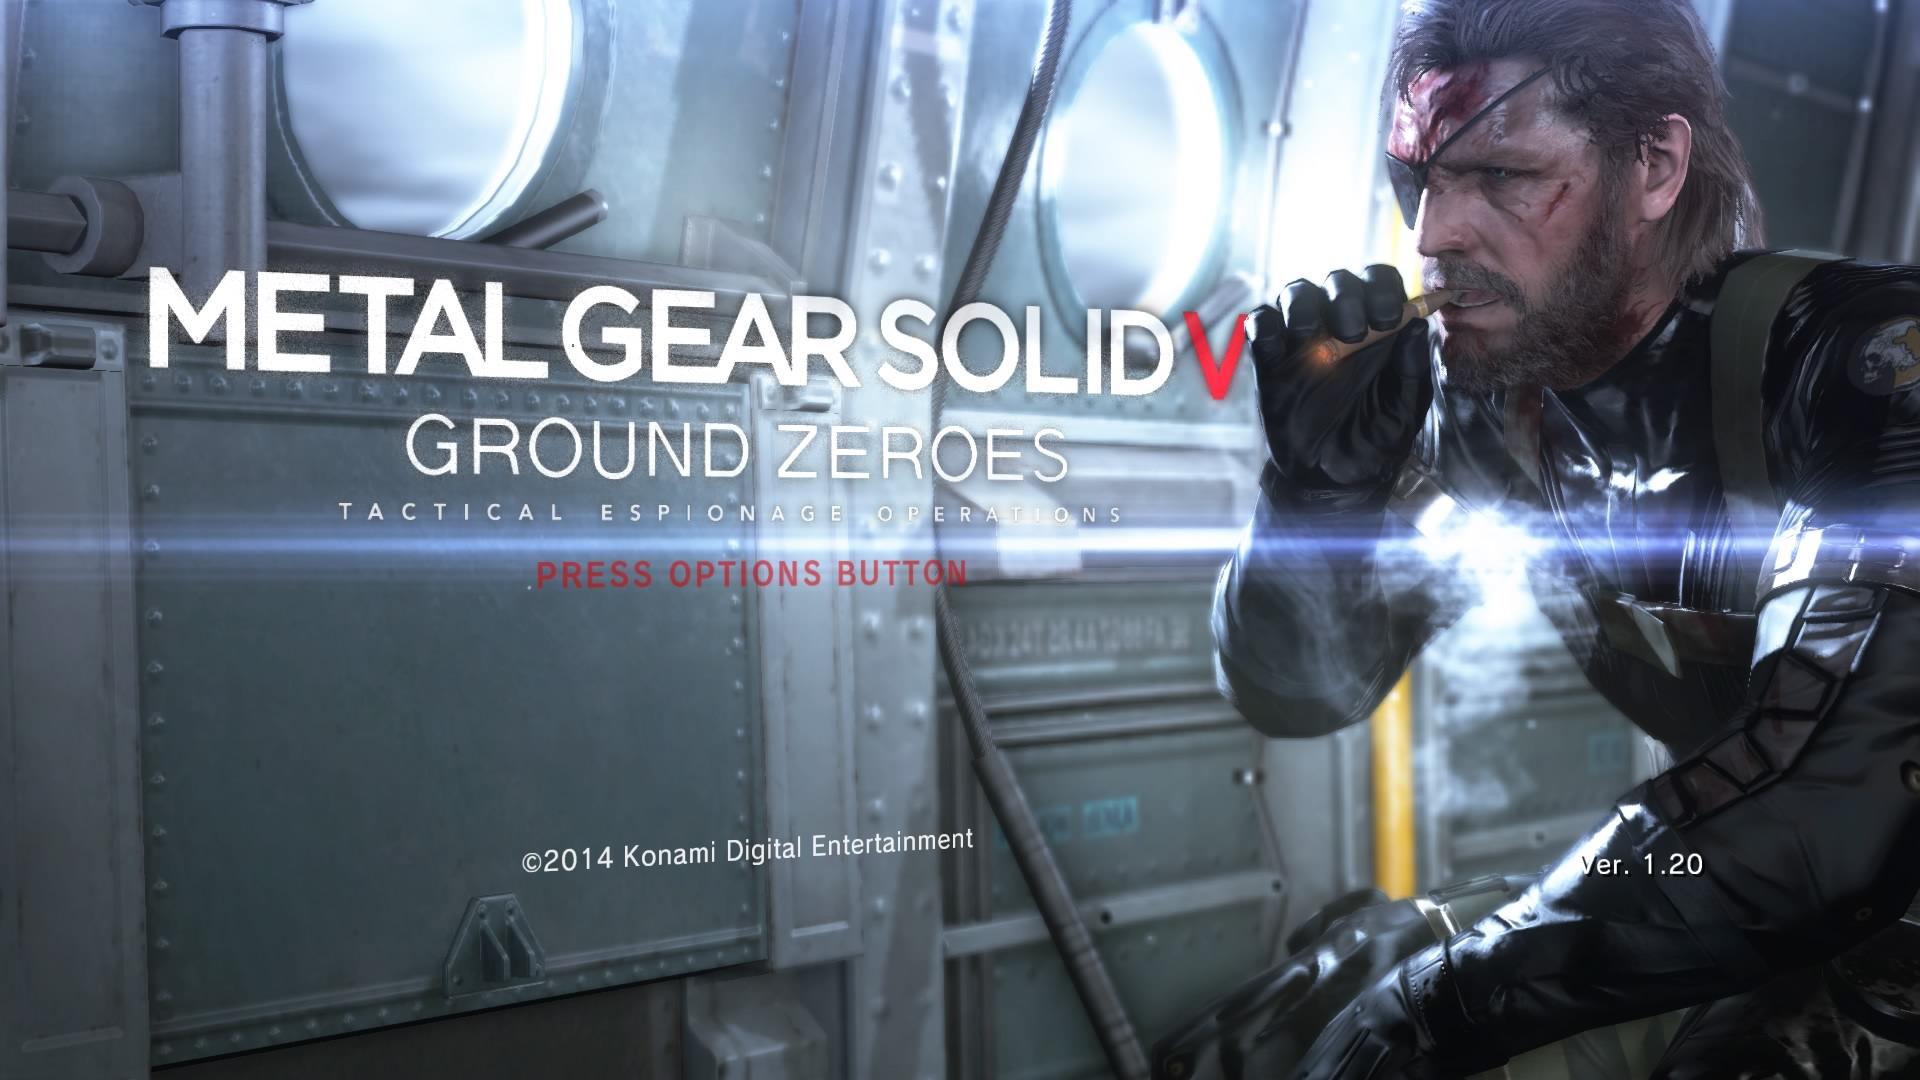 メタルギアソリッド5GROUND ZEROES(PS4)感想・レビュー